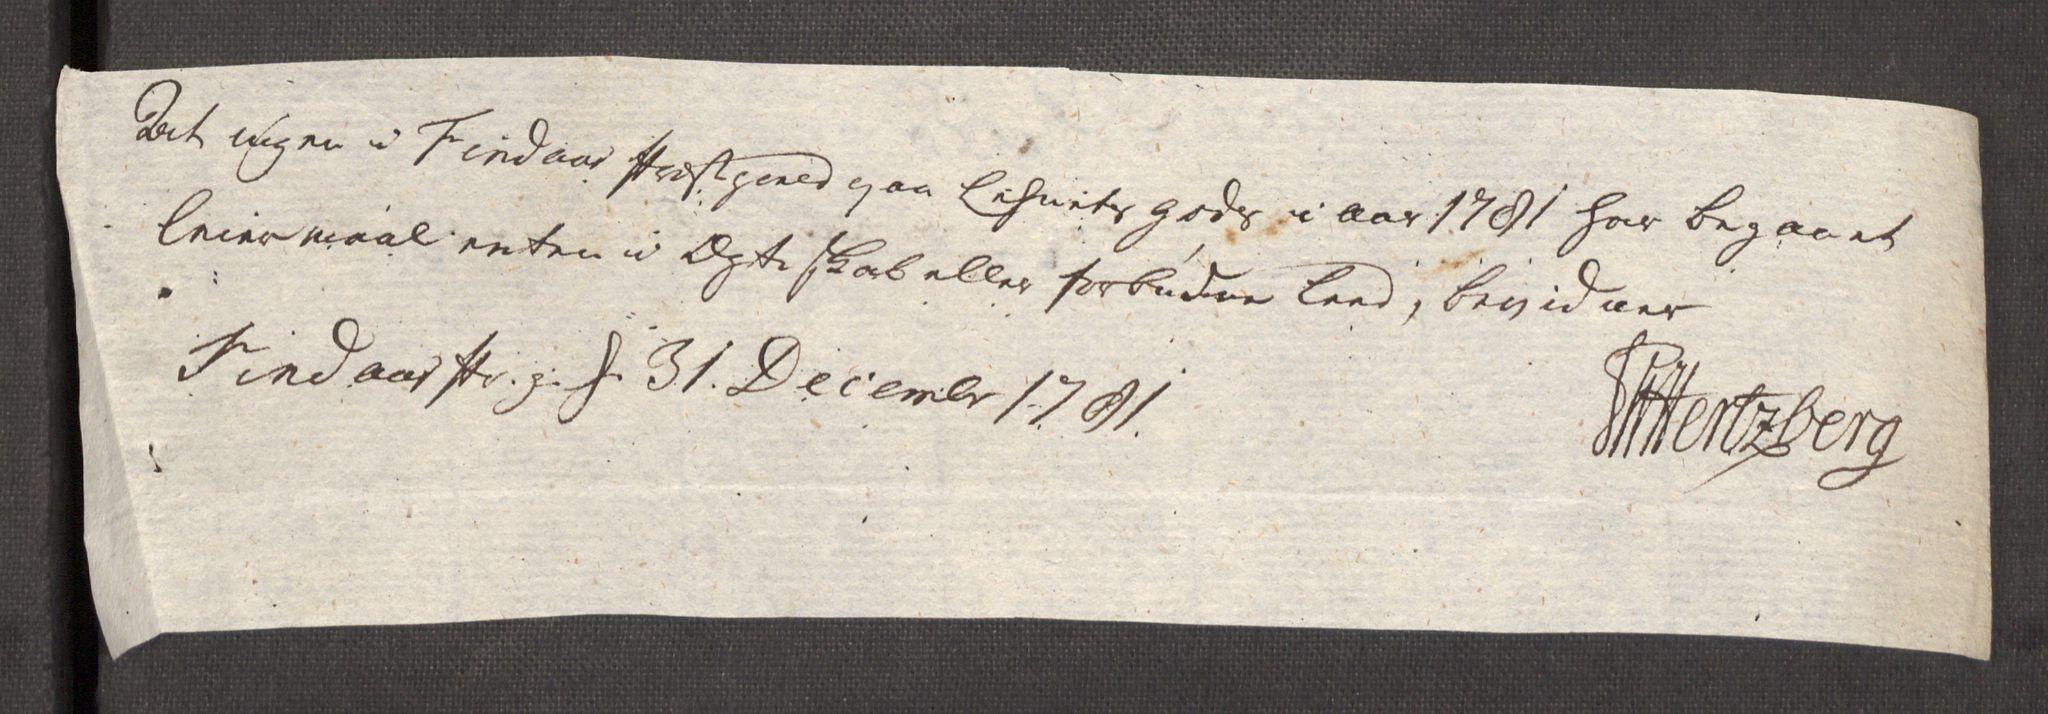 RA, Rentekammeret inntil 1814, Reviderte regnskaper, Fogderegnskap, R48/L3097: Fogderegnskap Sunnhordland og Hardanger, 1781, s. 122